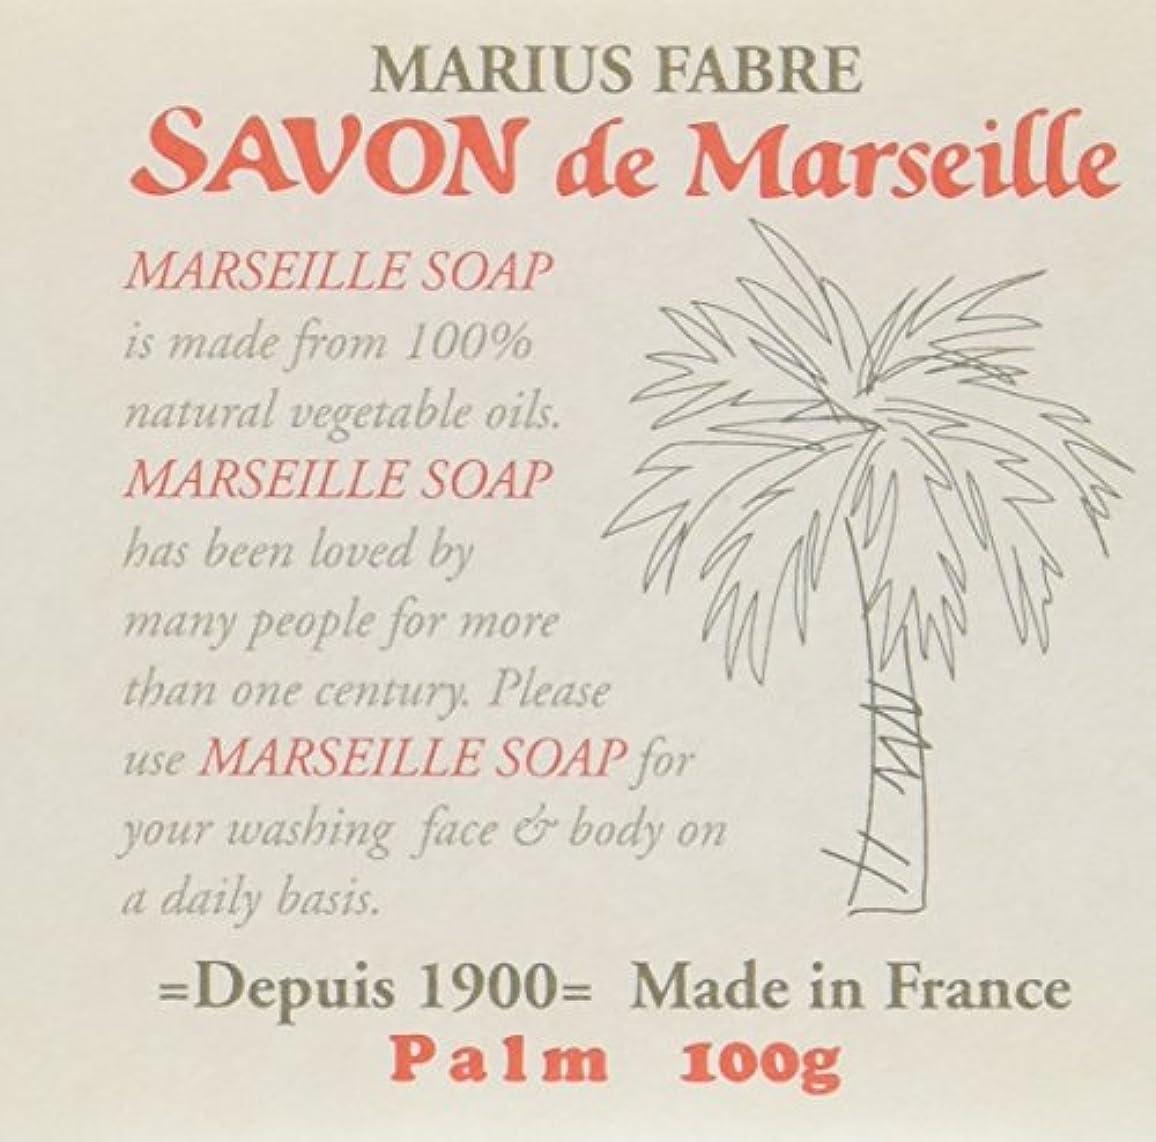 可能にする仮説解き明かすサボン ド マルセイユ パーム 100g